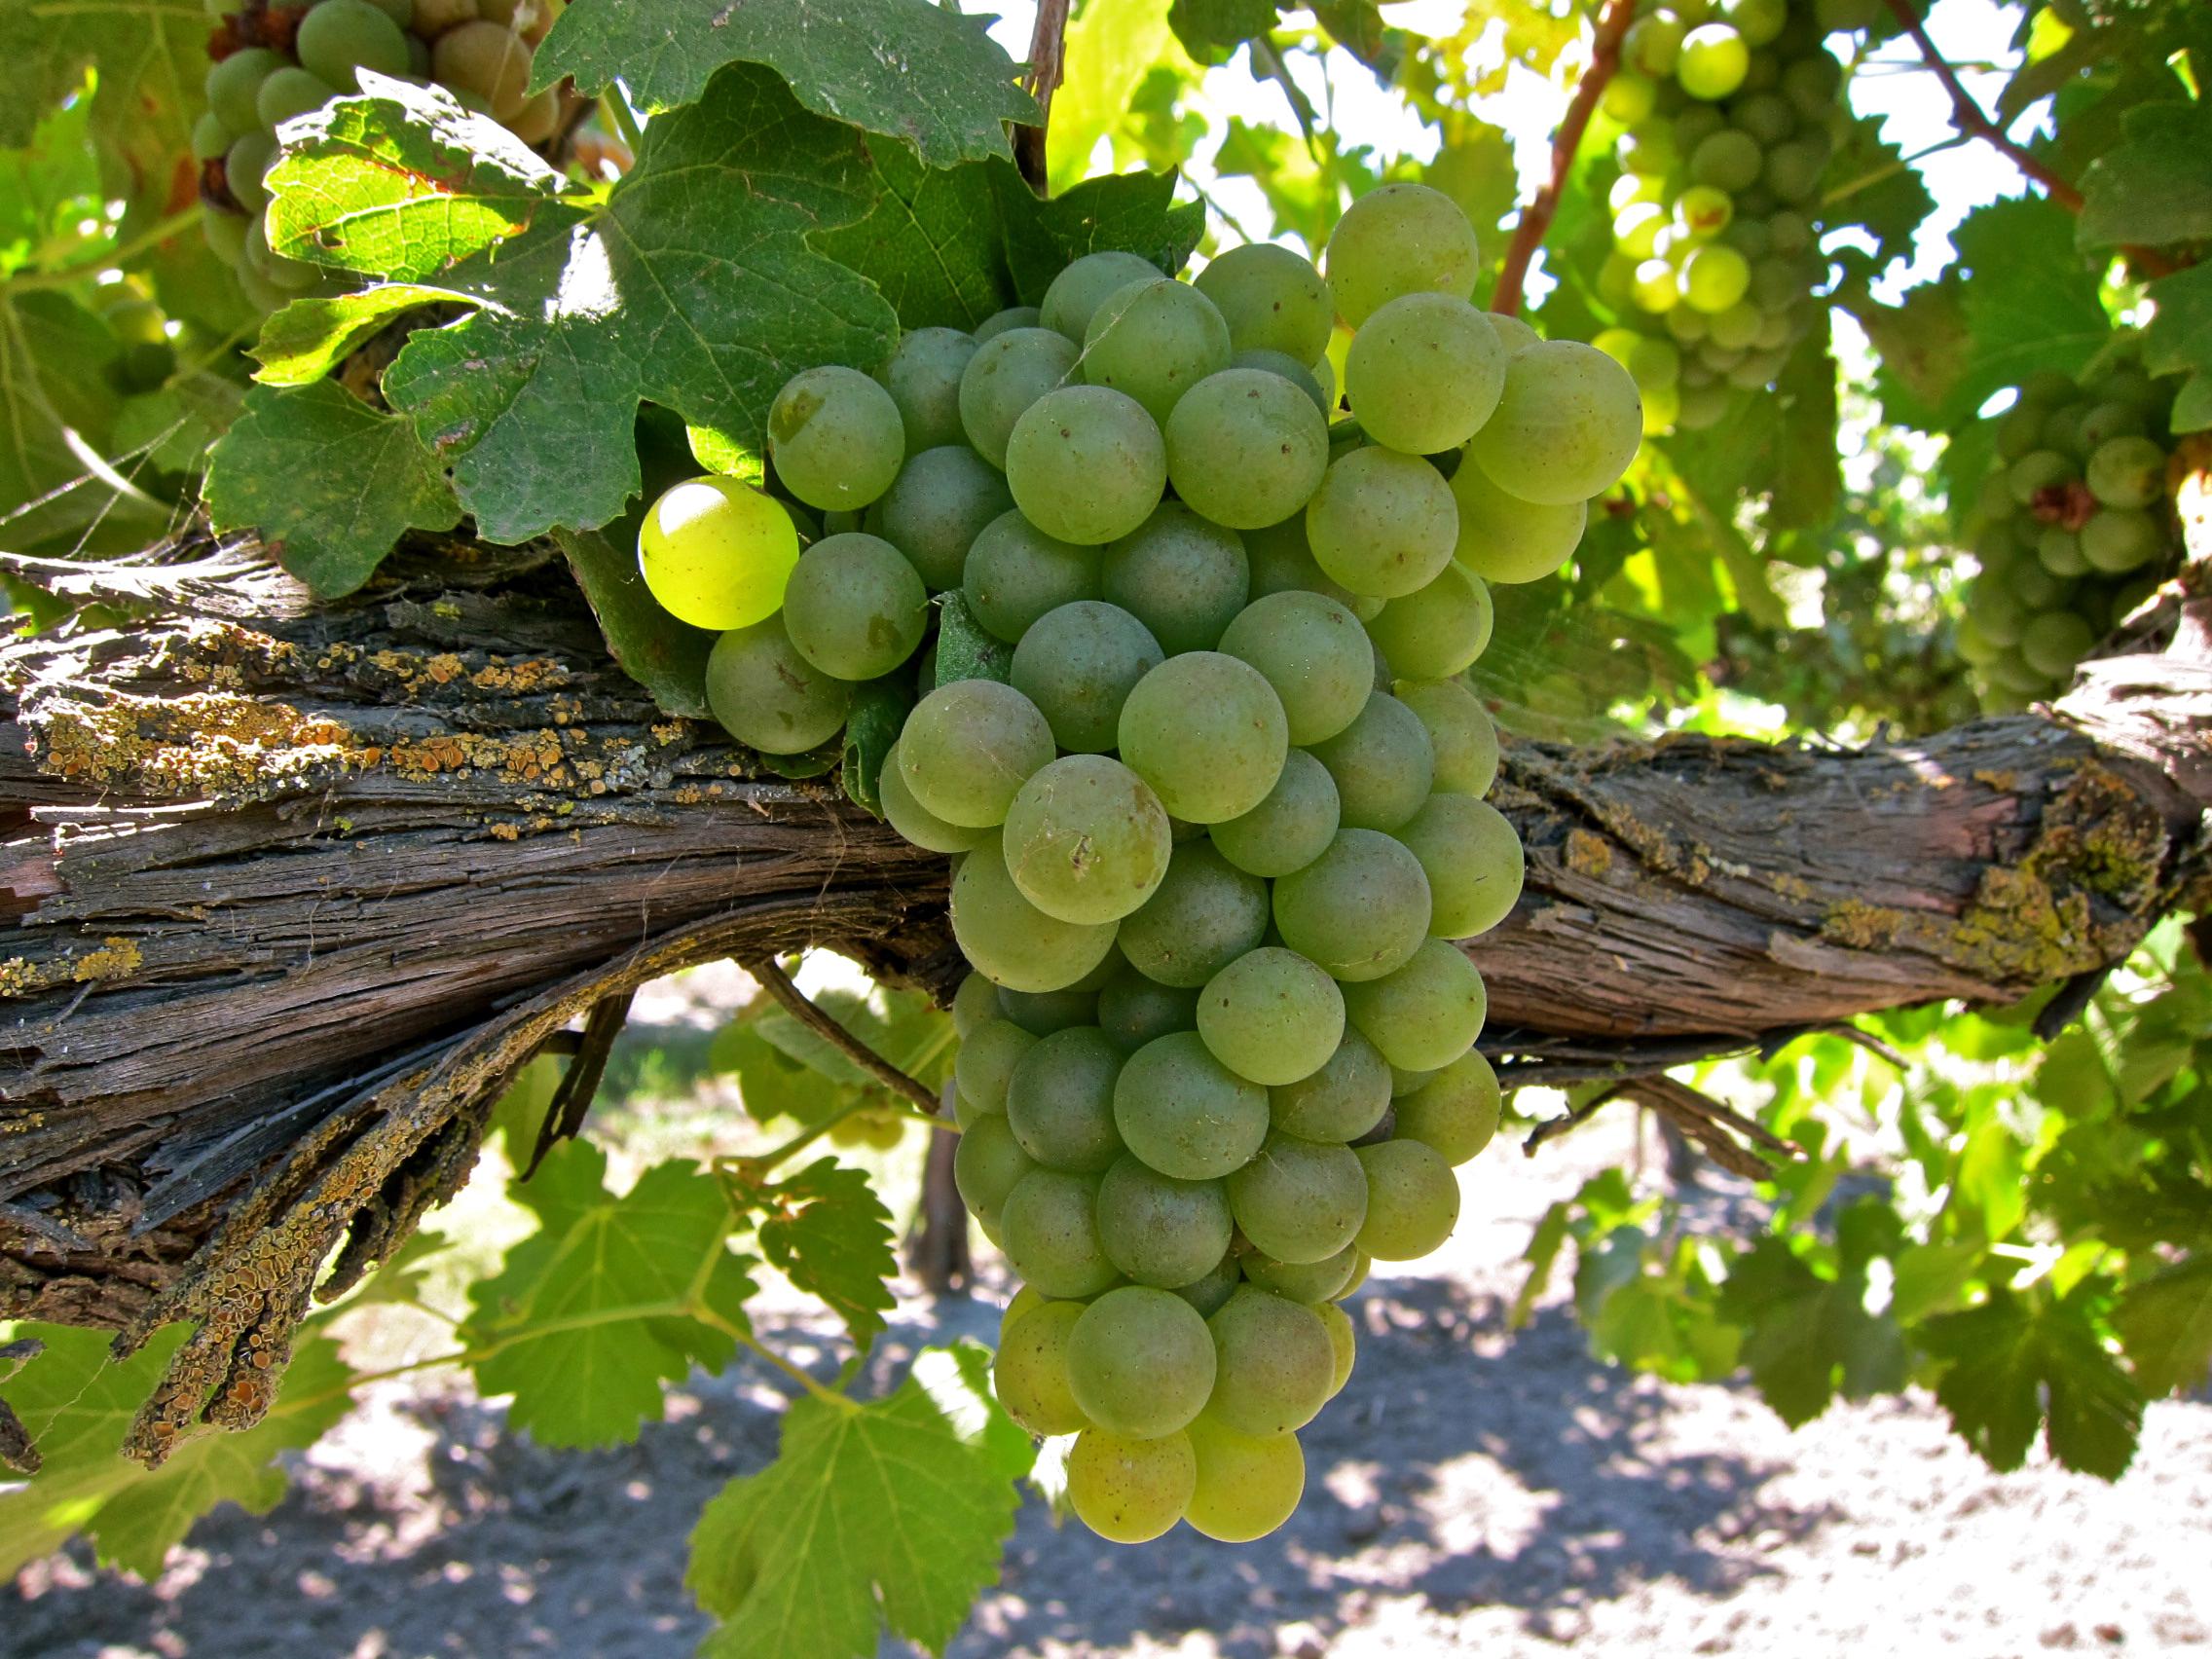 Фото зеленых Виноград ветка Продукты питания Крупным планом 2272x1704 Зеленый зеленые зеленая Еда Пища Ветки ветвь на ветке вблизи